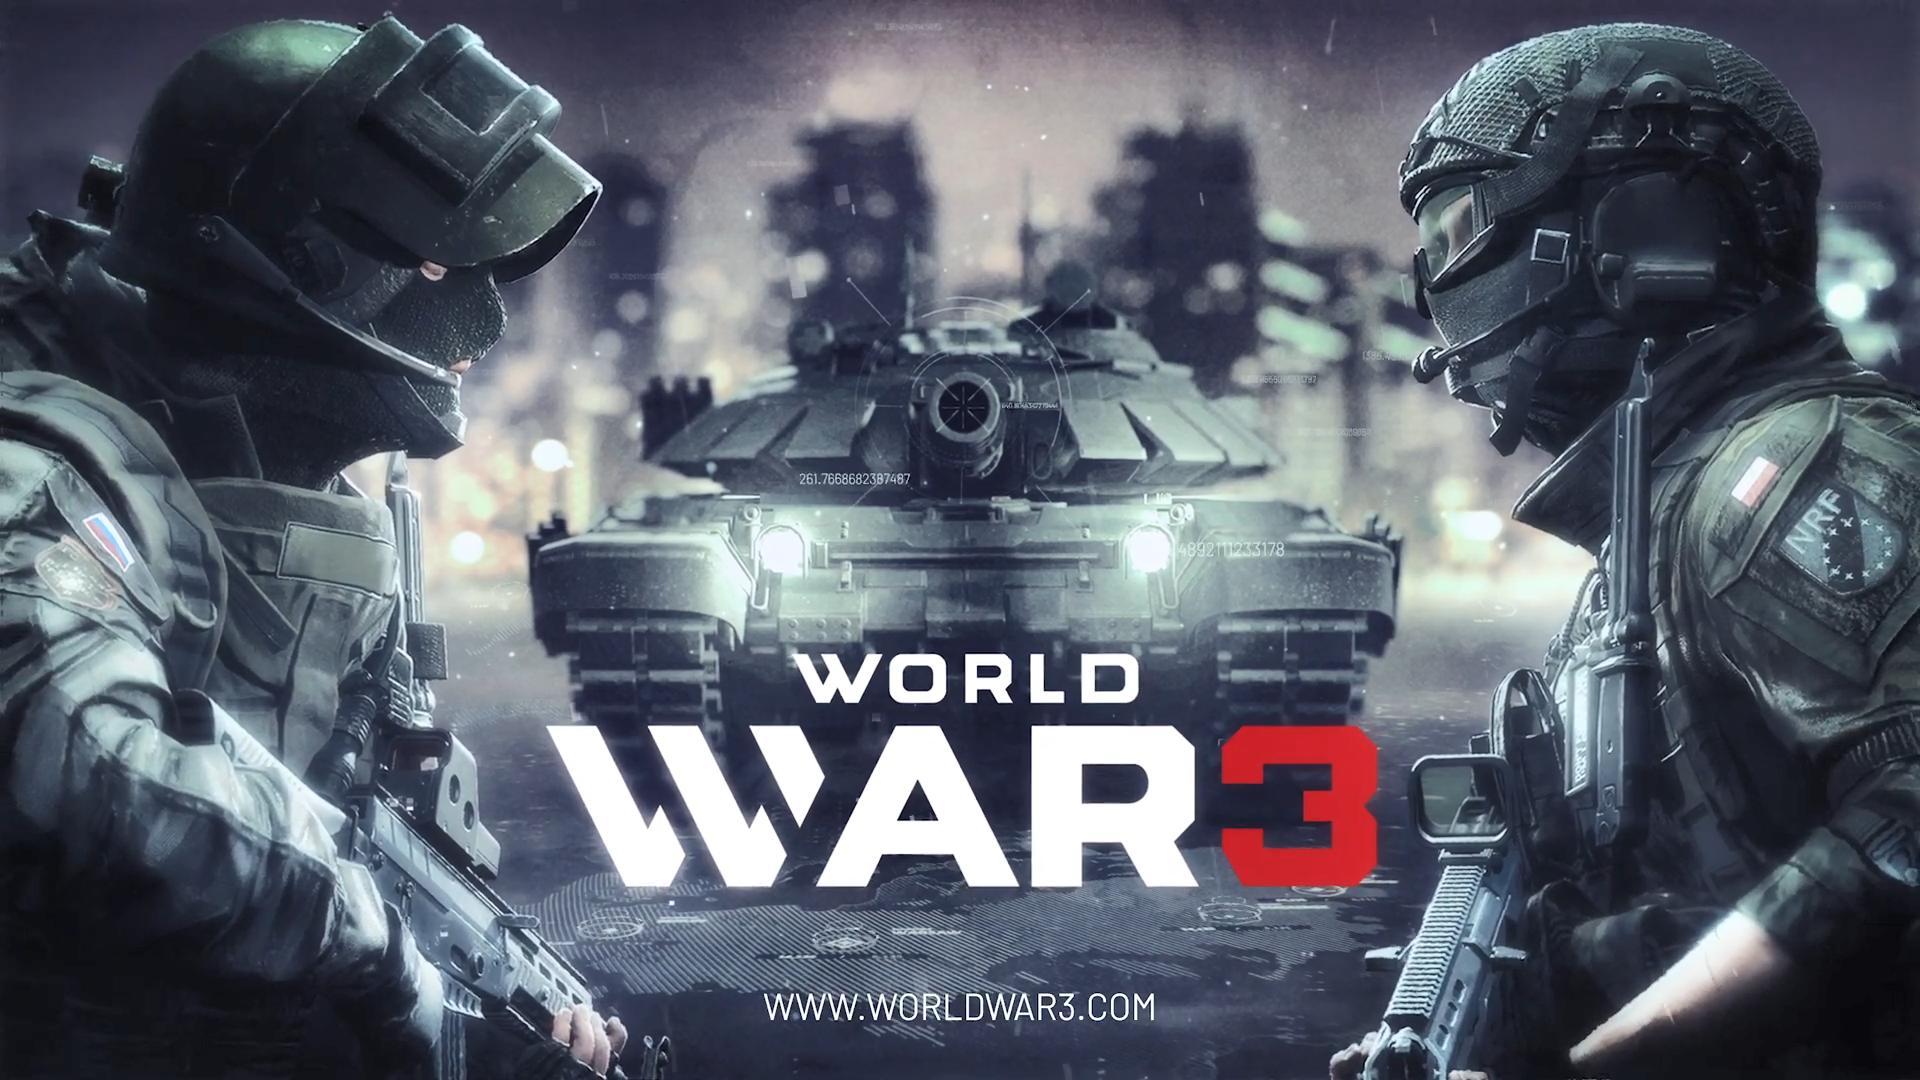 沉寂1年起死回生 多人射击游戏《第三次世界大战》公布新宣传视频